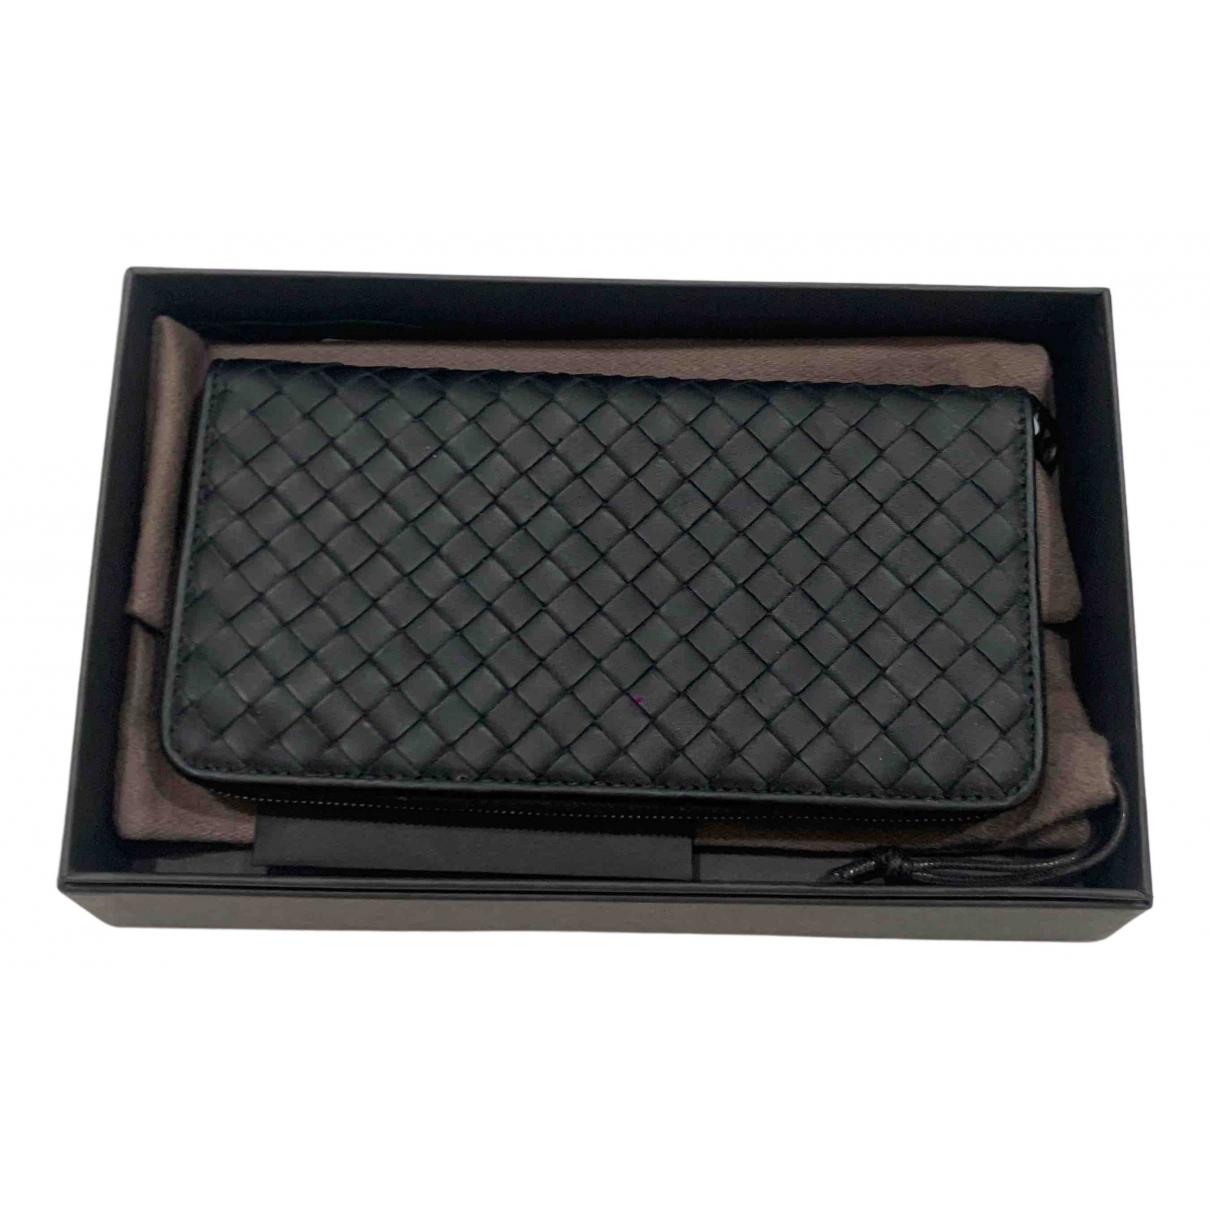 Bottega Veneta N Black Leather Small bag, wallet & cases for Men N